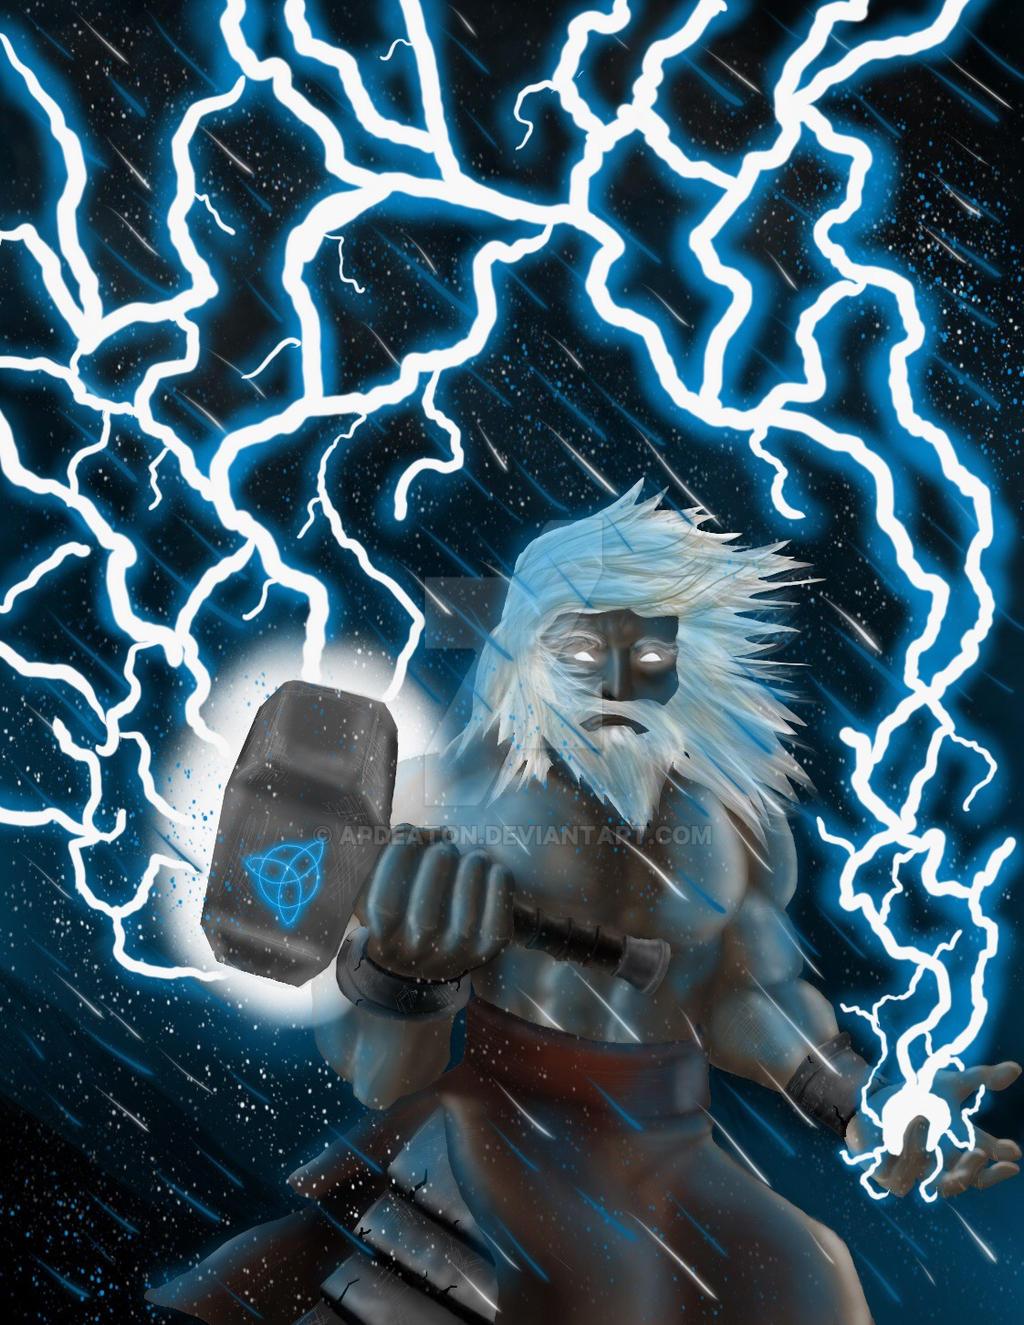 artwork gods lightning marvel - photo #11